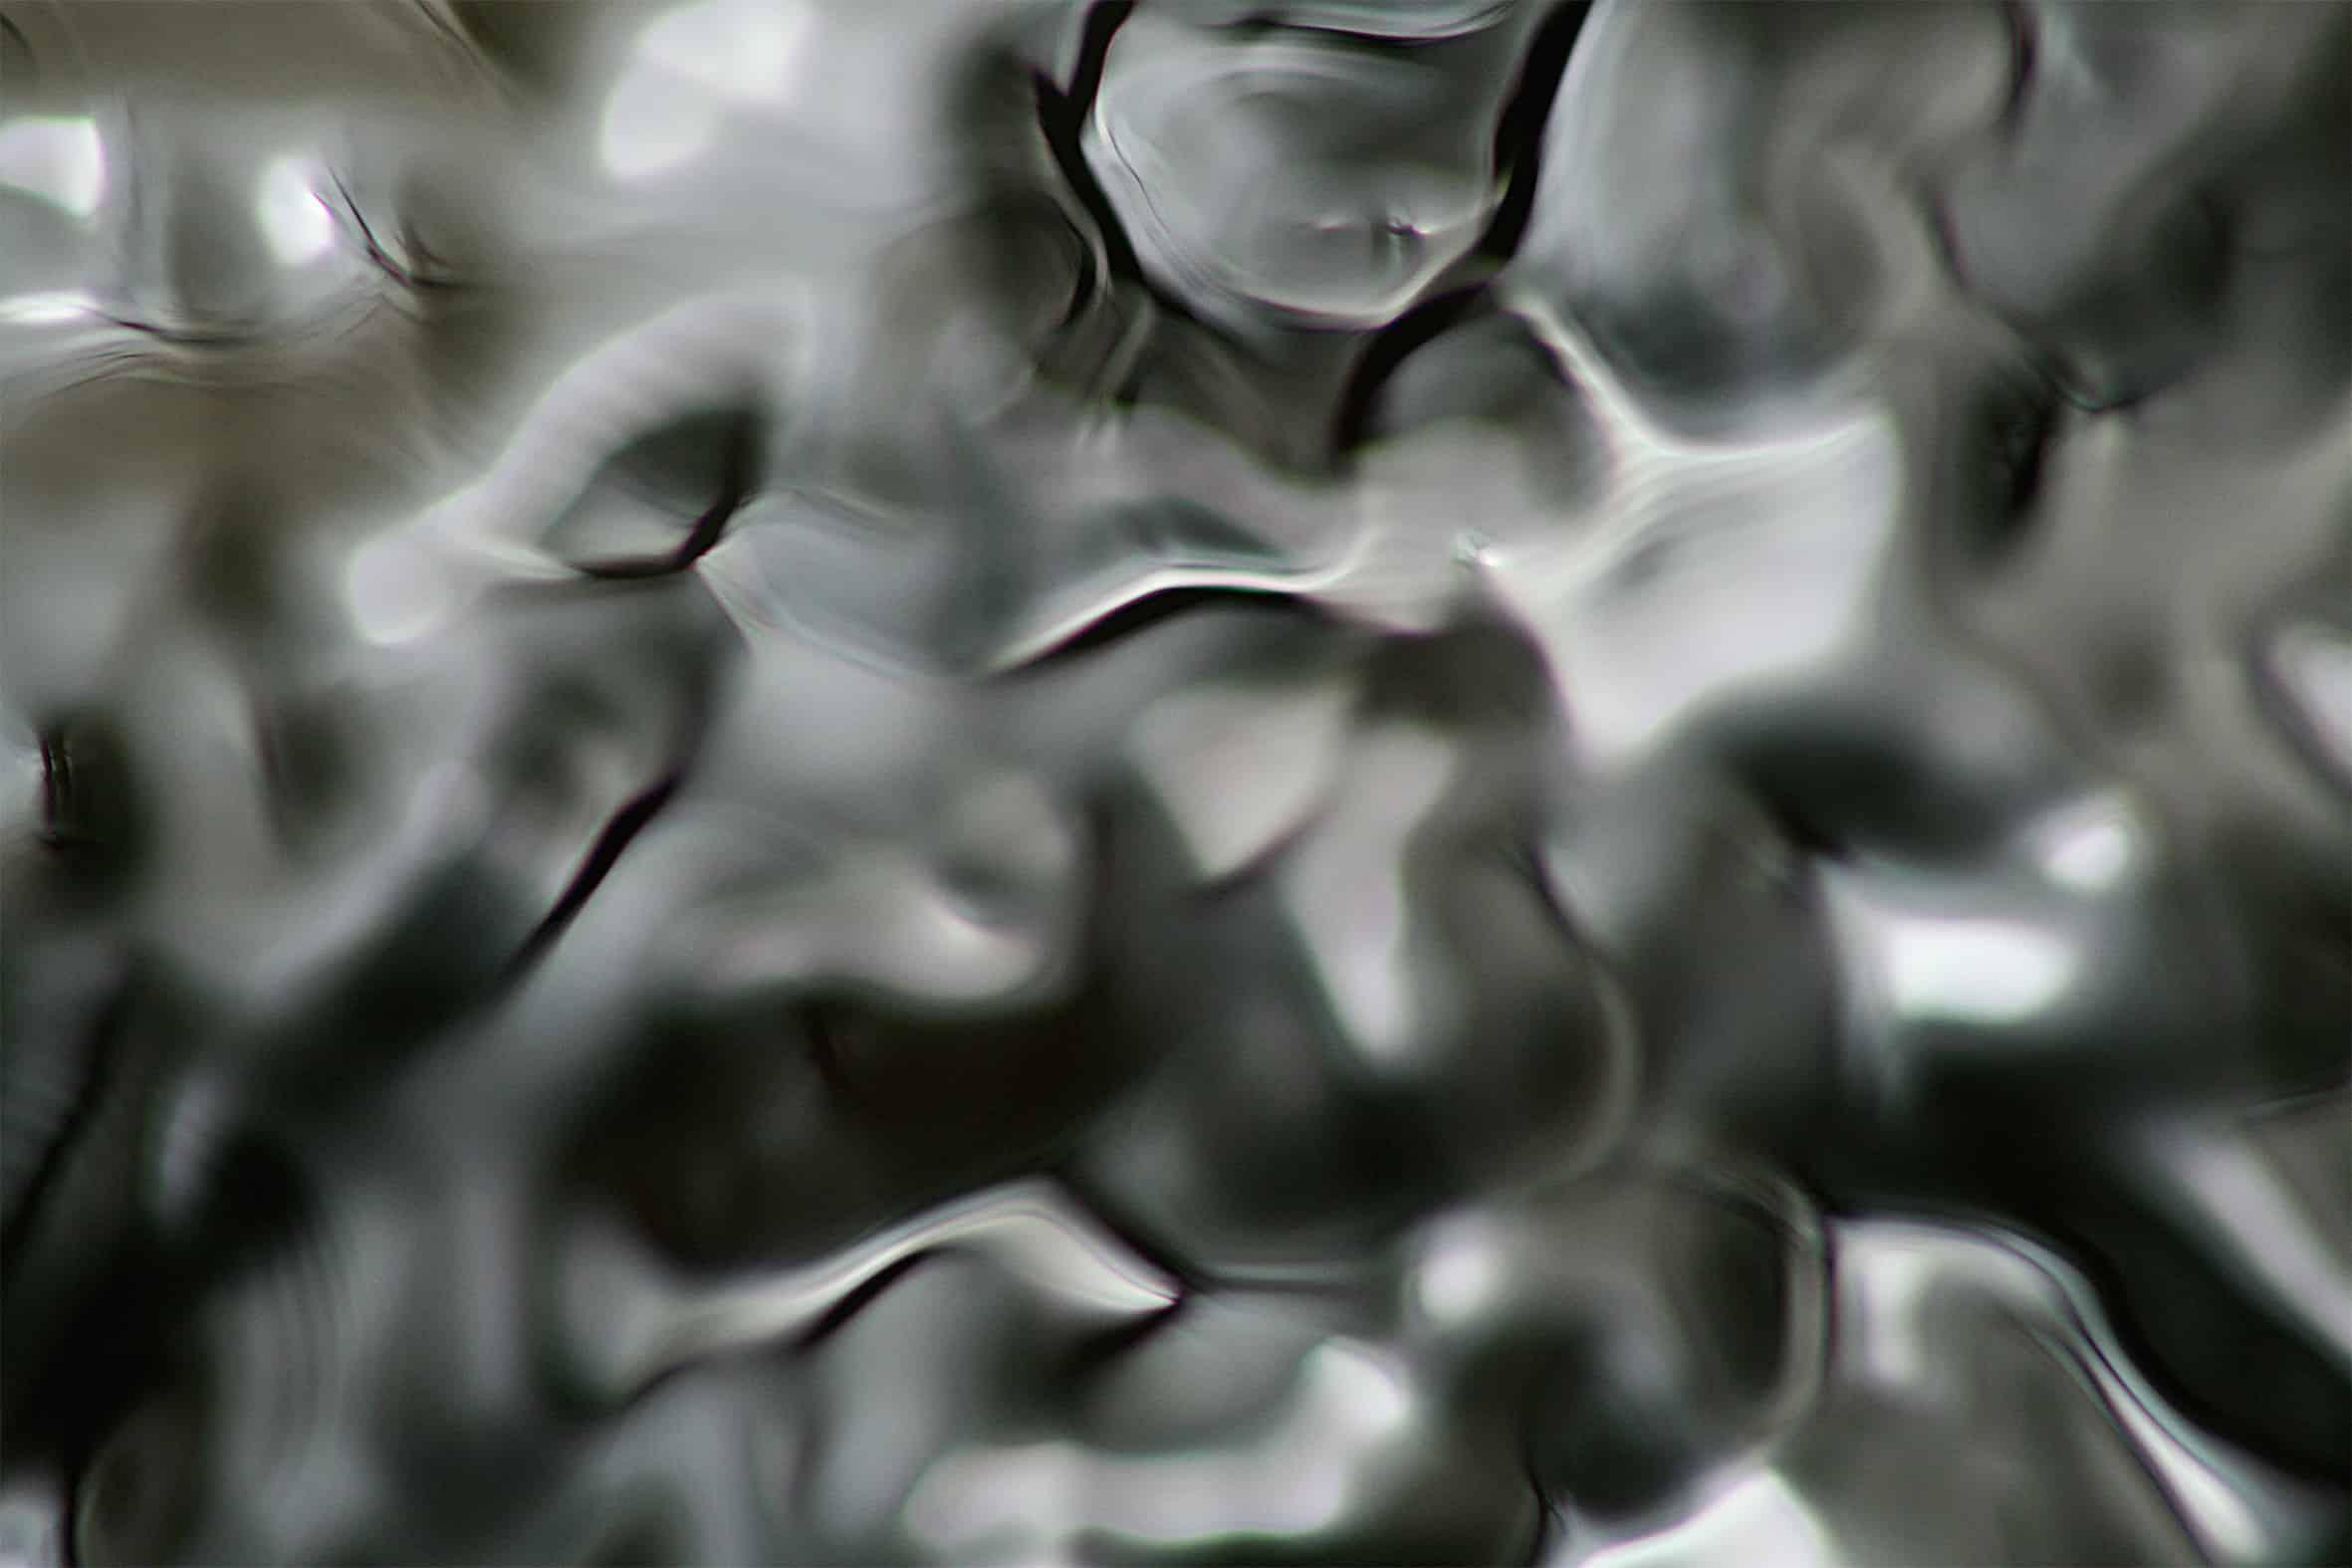 Fotografien von Botterbusch im Leeren Beutel